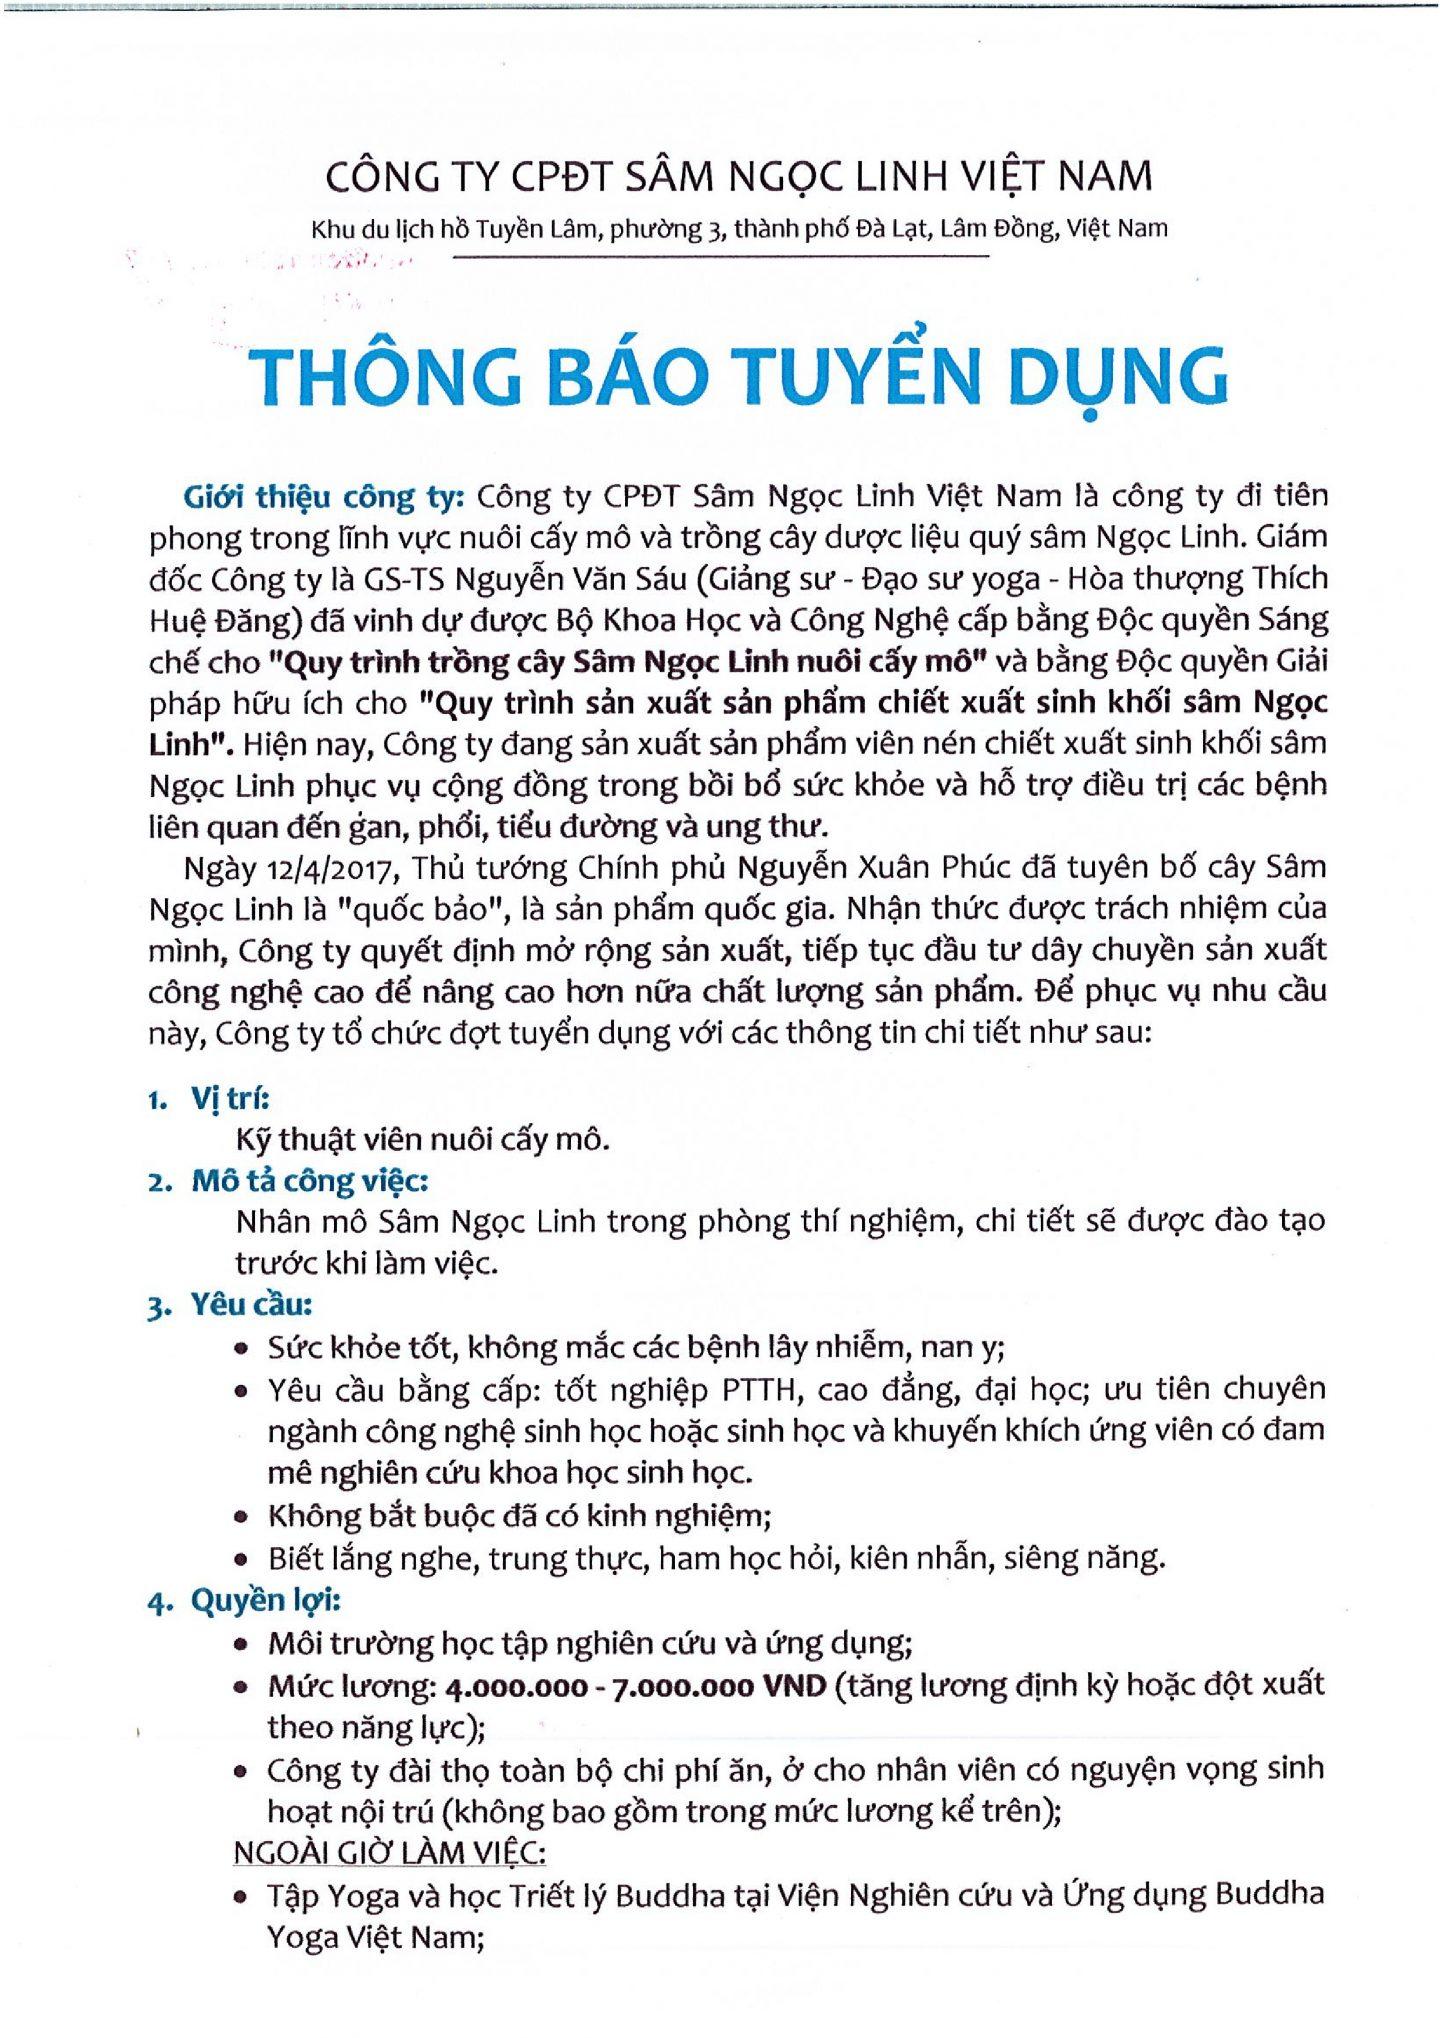 TBTD Sâm Ngọc Linh 001